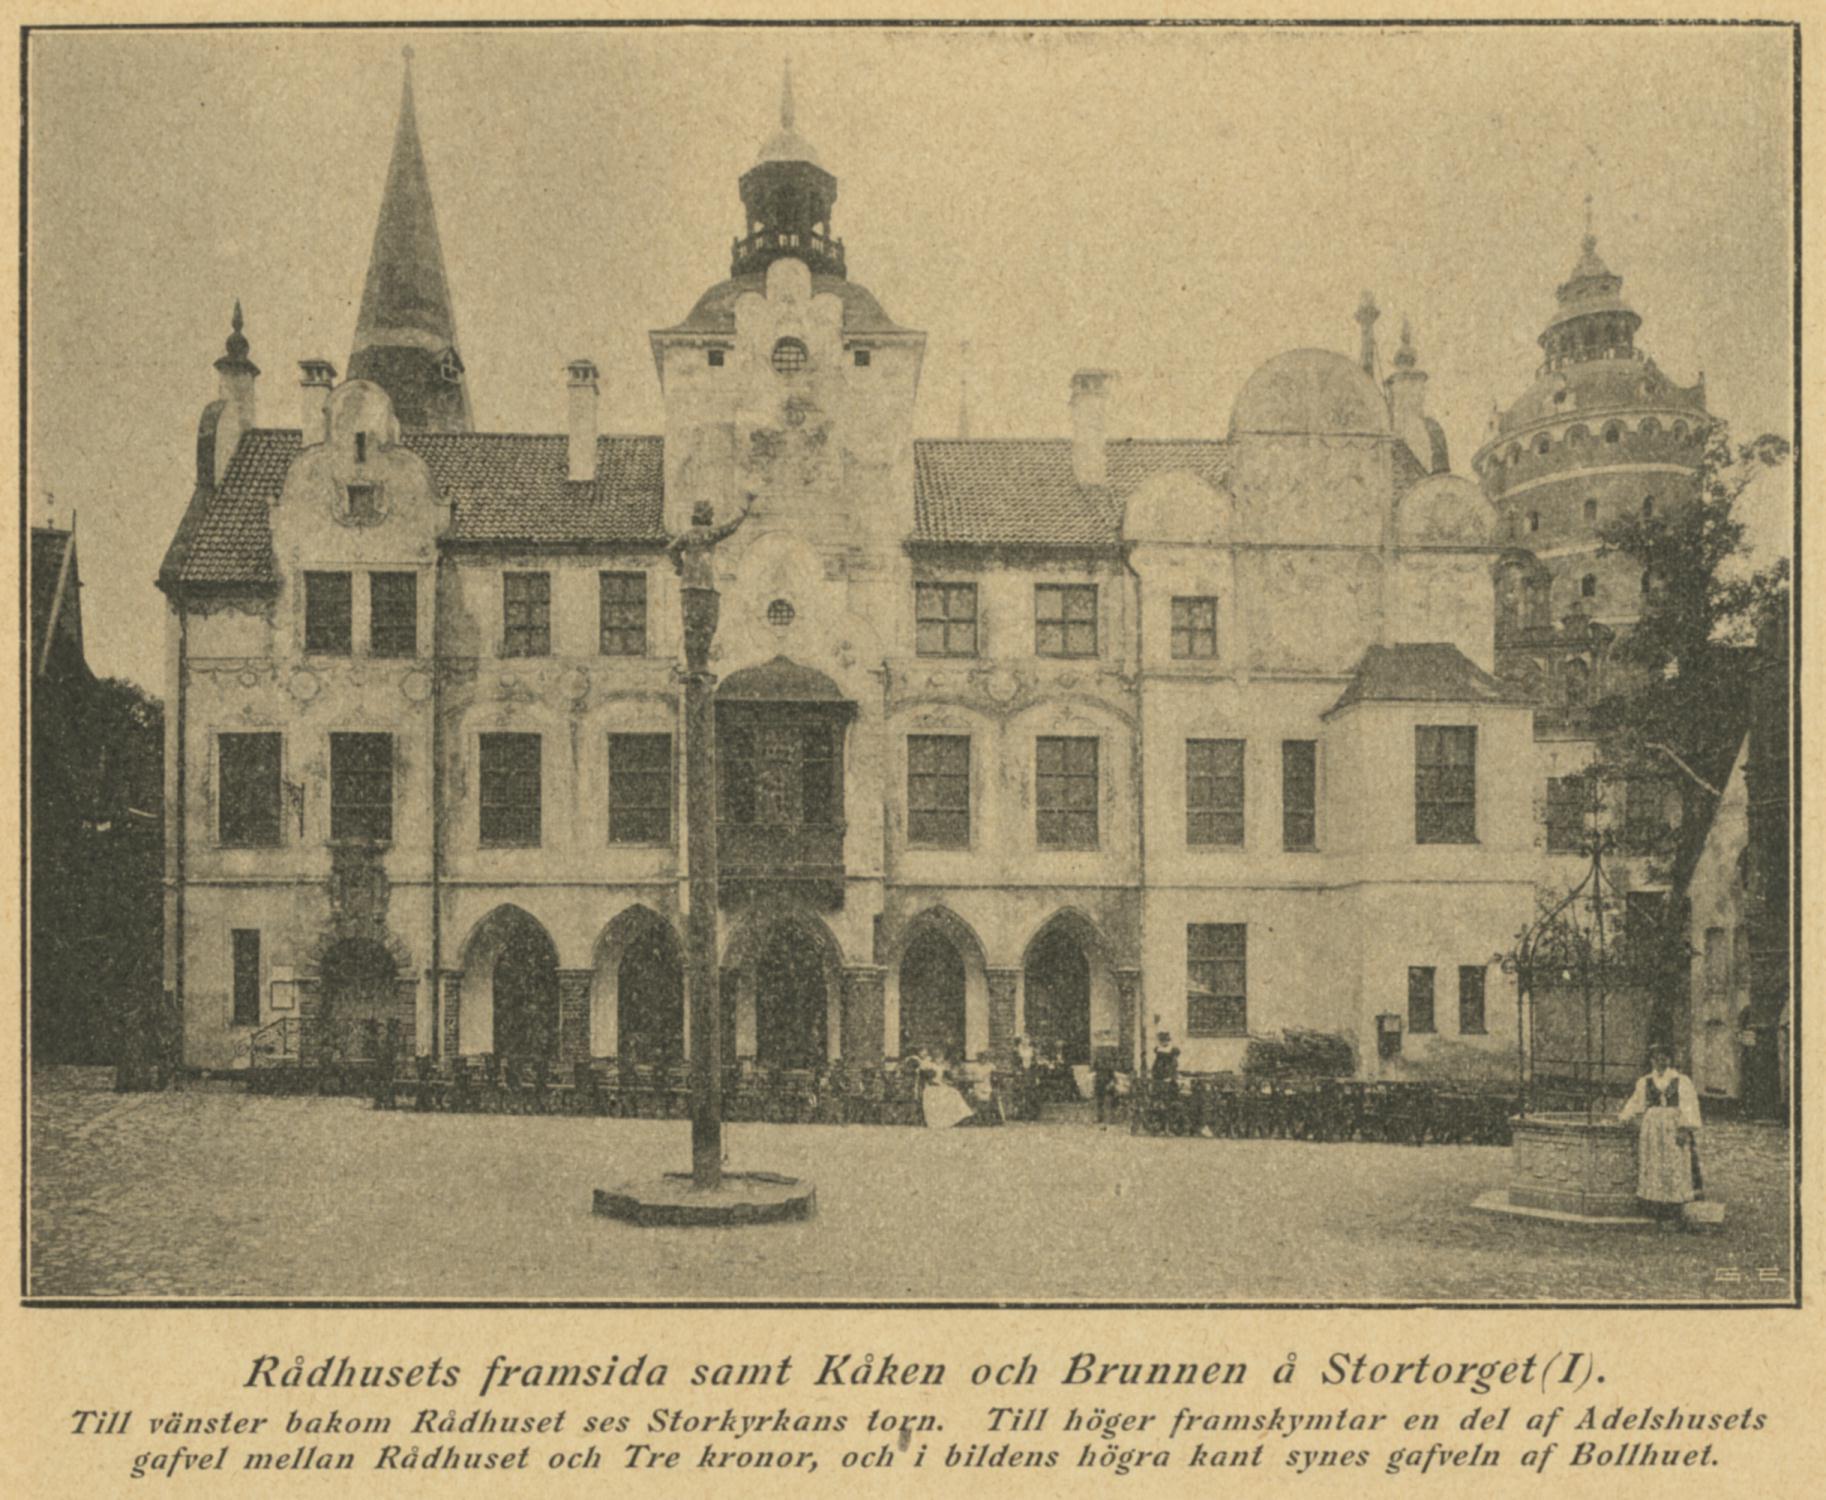 Rådhusets framsida samt Kåken och Brunnen på Stortorget